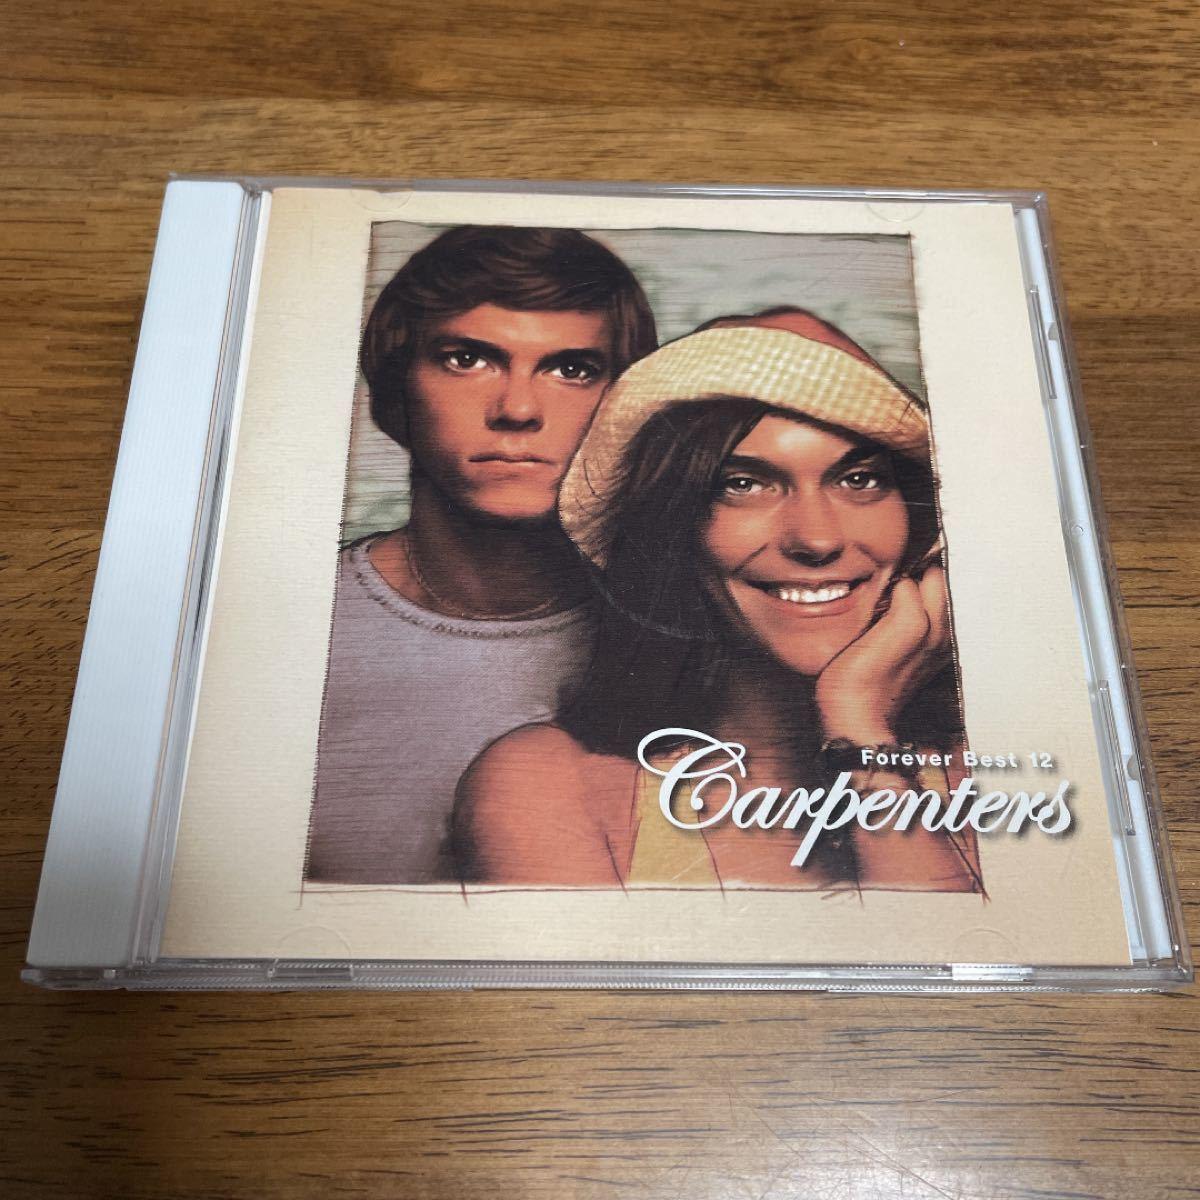 CD カーペンターズ フォーエバーベスト12